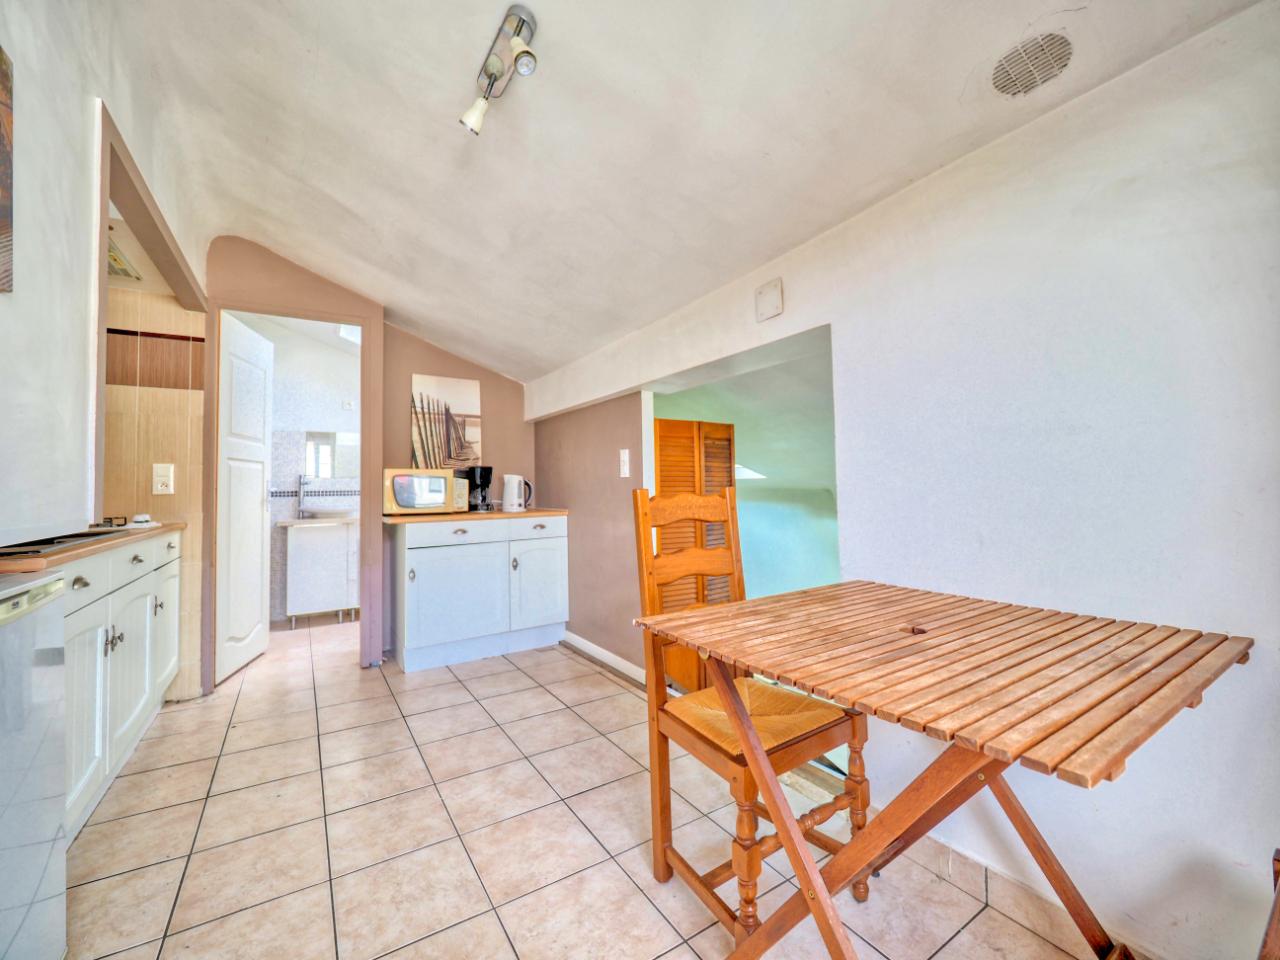 vente appartement à SAINT JEAN DE LUZ - 130 000